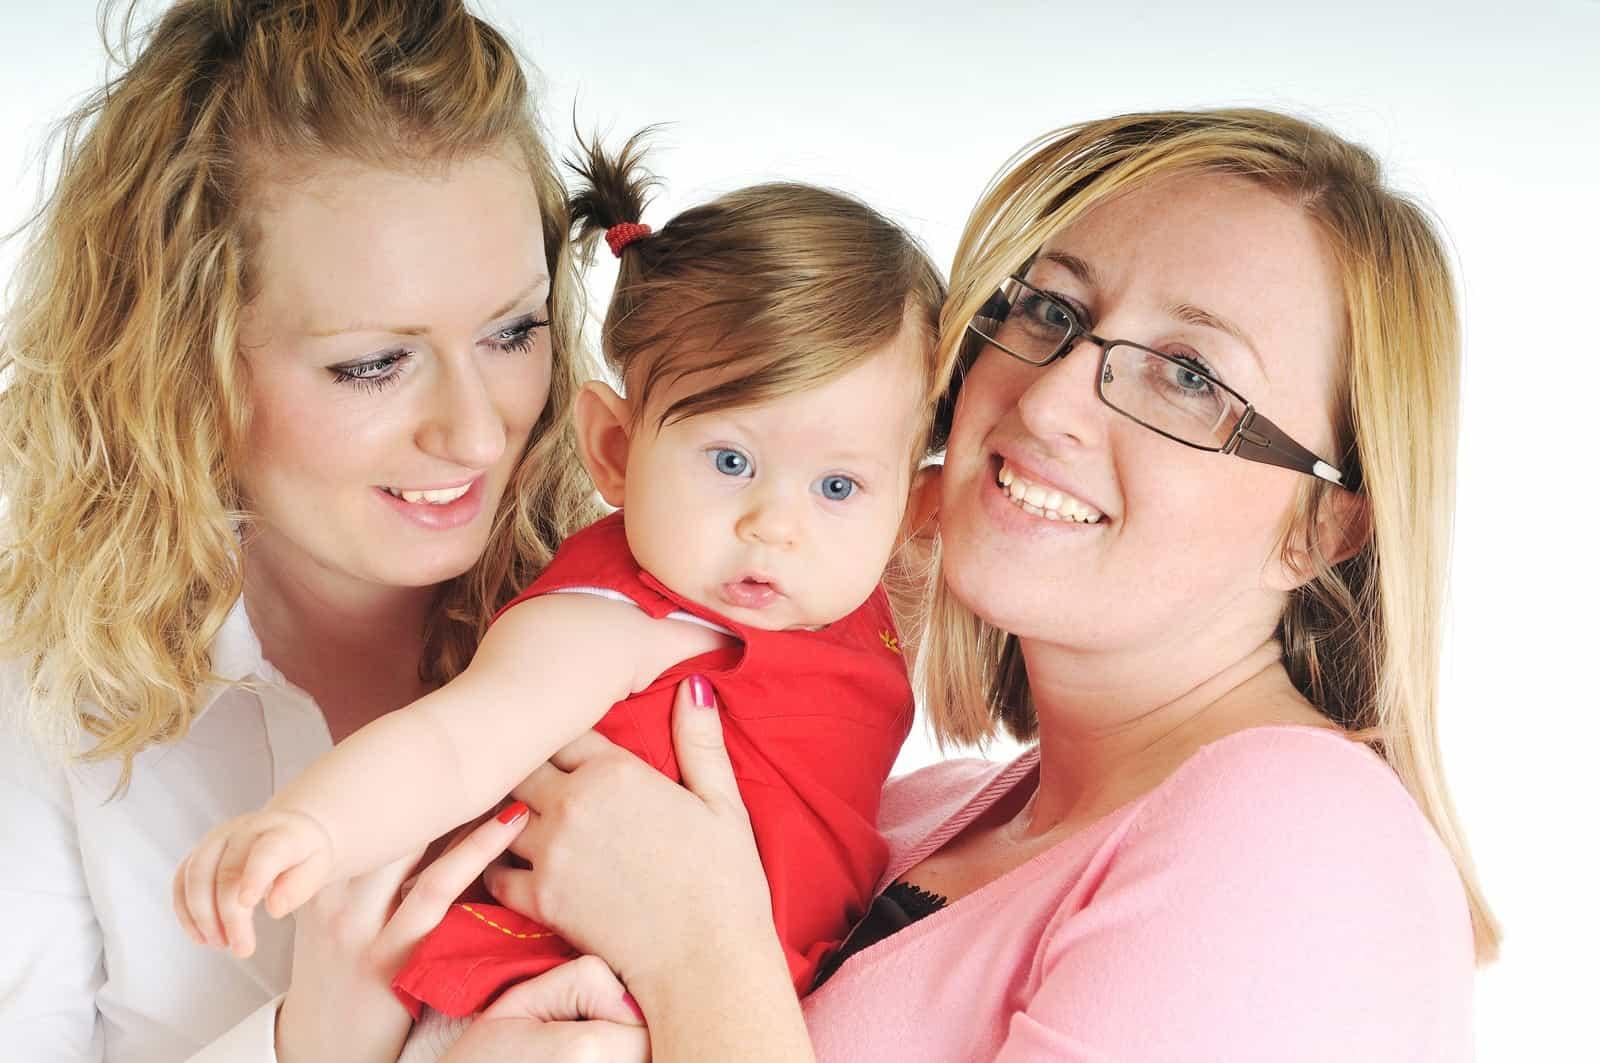 лесби фото мать и дочь № 384139 загрузить